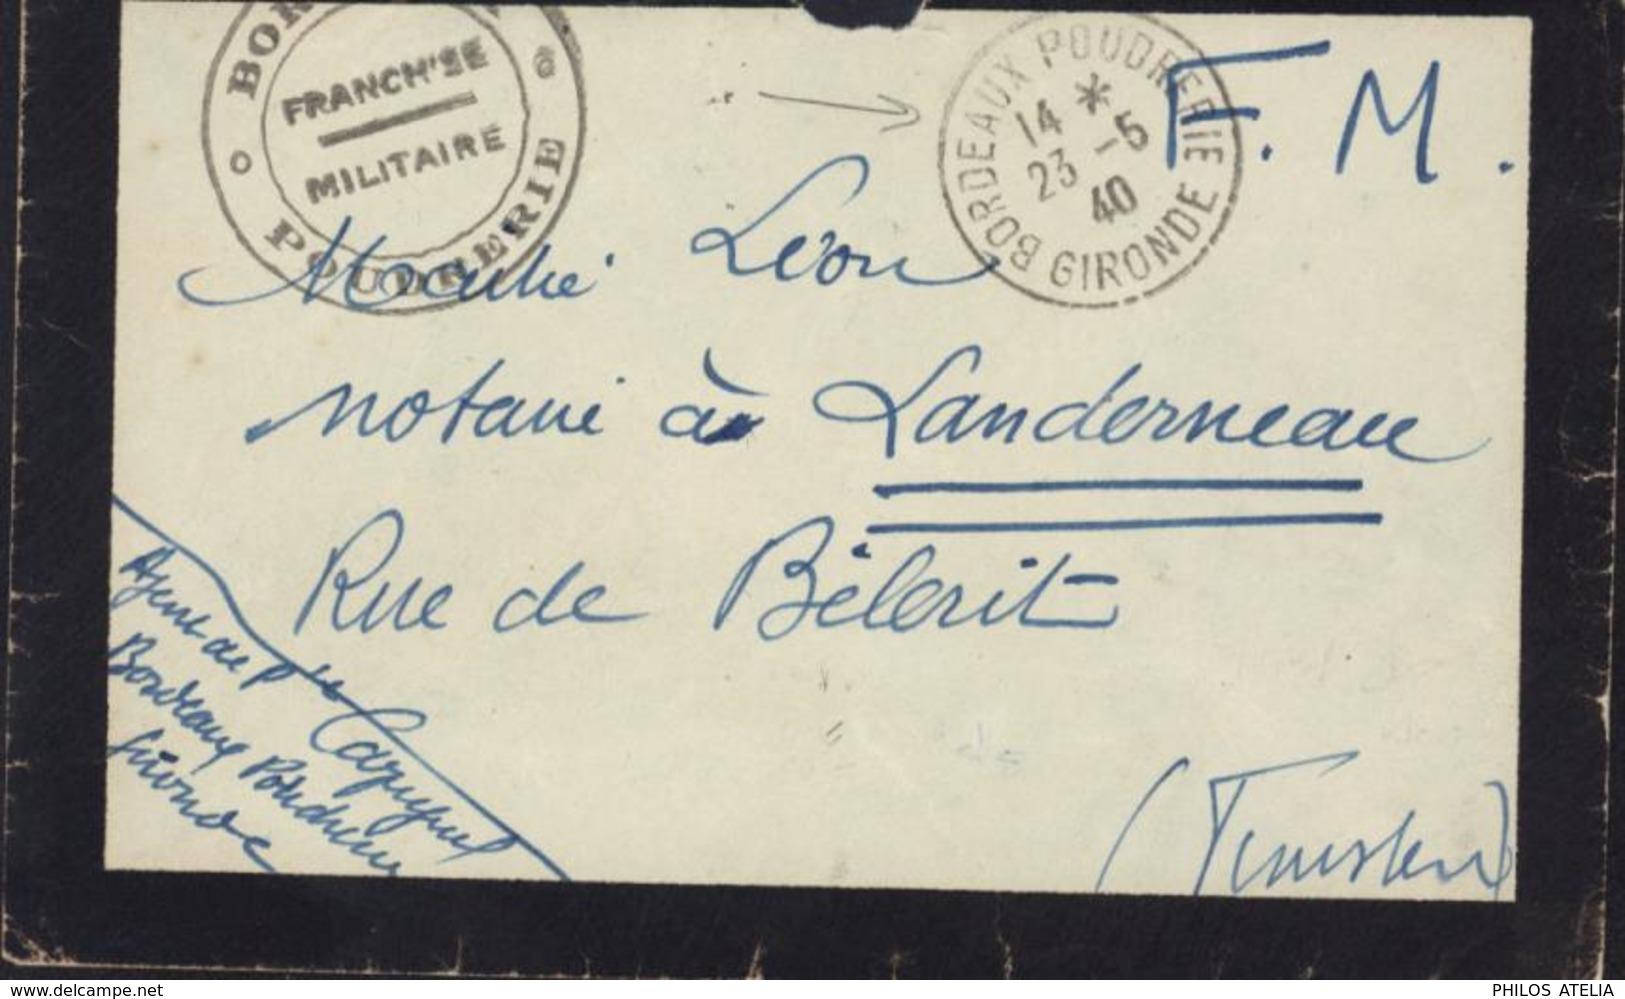 Guerre 39 45 Cachet Bordeaux Poudrerie Franchise Militaire + CAD Bordeaux Poudrerie Gironde 23 5 40 Pour Landerneau - Marcophilie (Lettres)